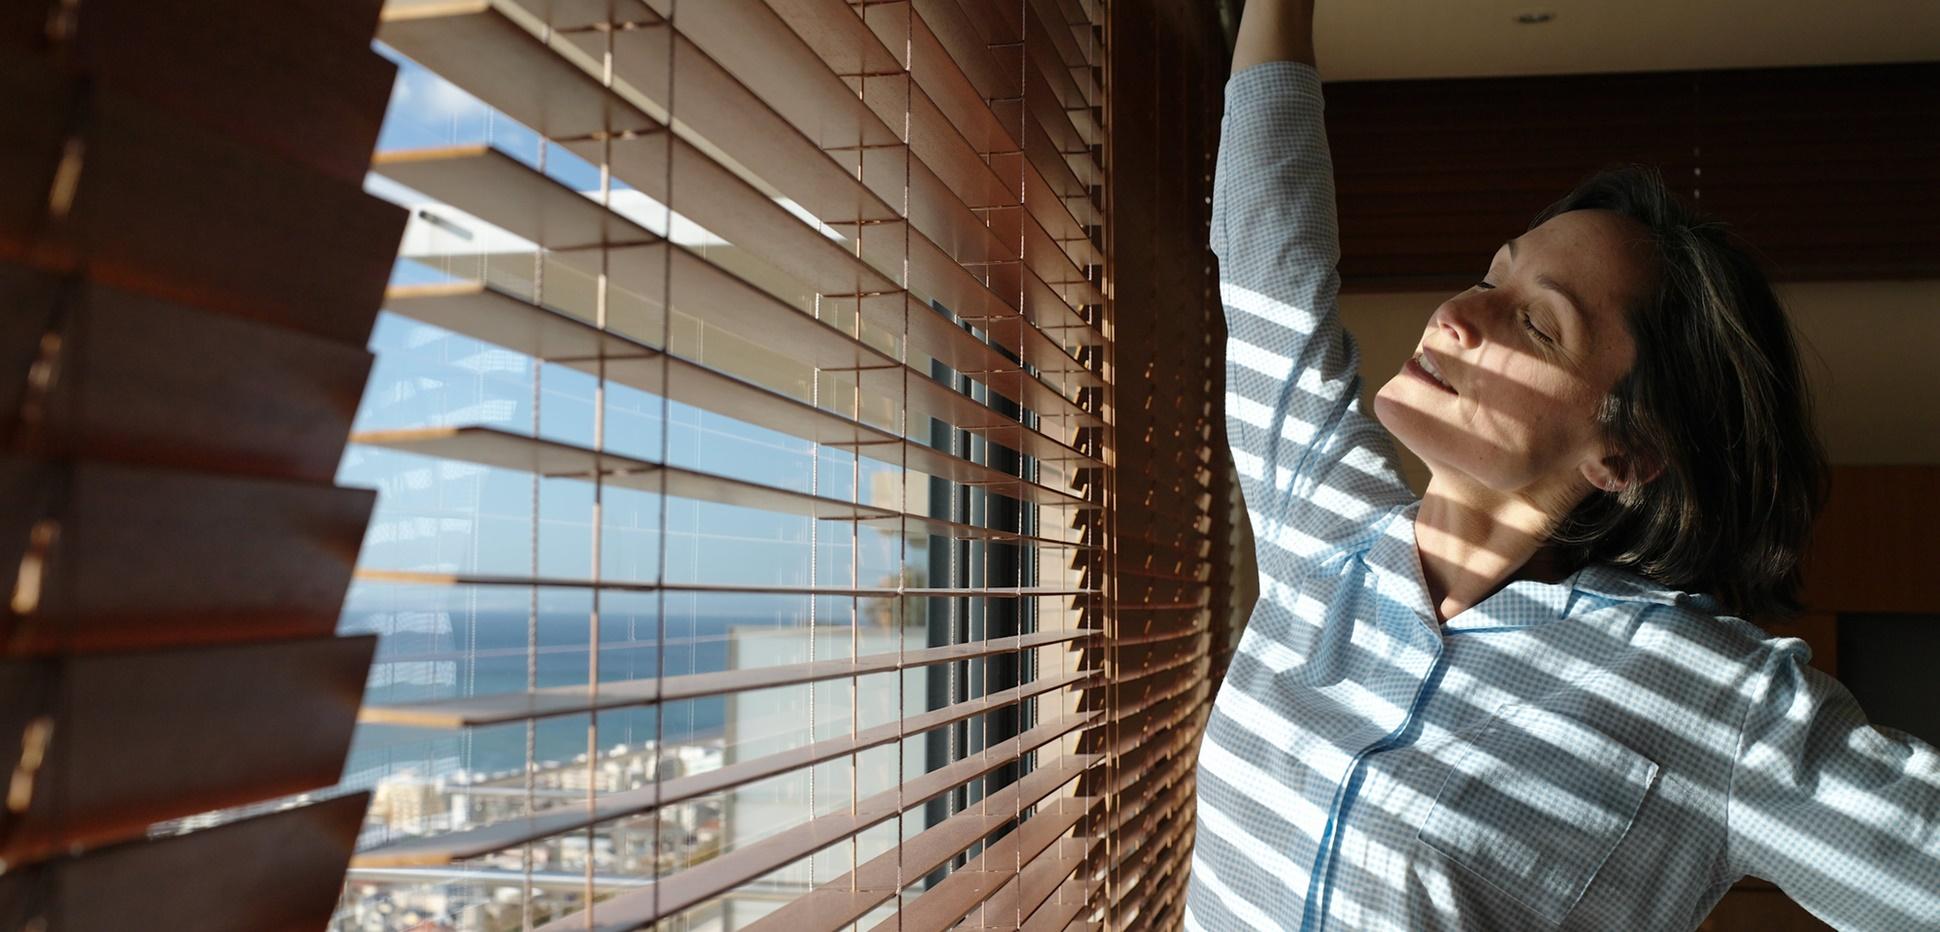 Full Size of Fenster Sichtschutz Spiegel Sichtschutzfolie Obi Innen Plissee Sichtschutzfolien Elektrisch Ideen Selber Machen Einseitig Durchsichtig Fr Tipps Zu Folie Fenster Fenster Sichtschutz